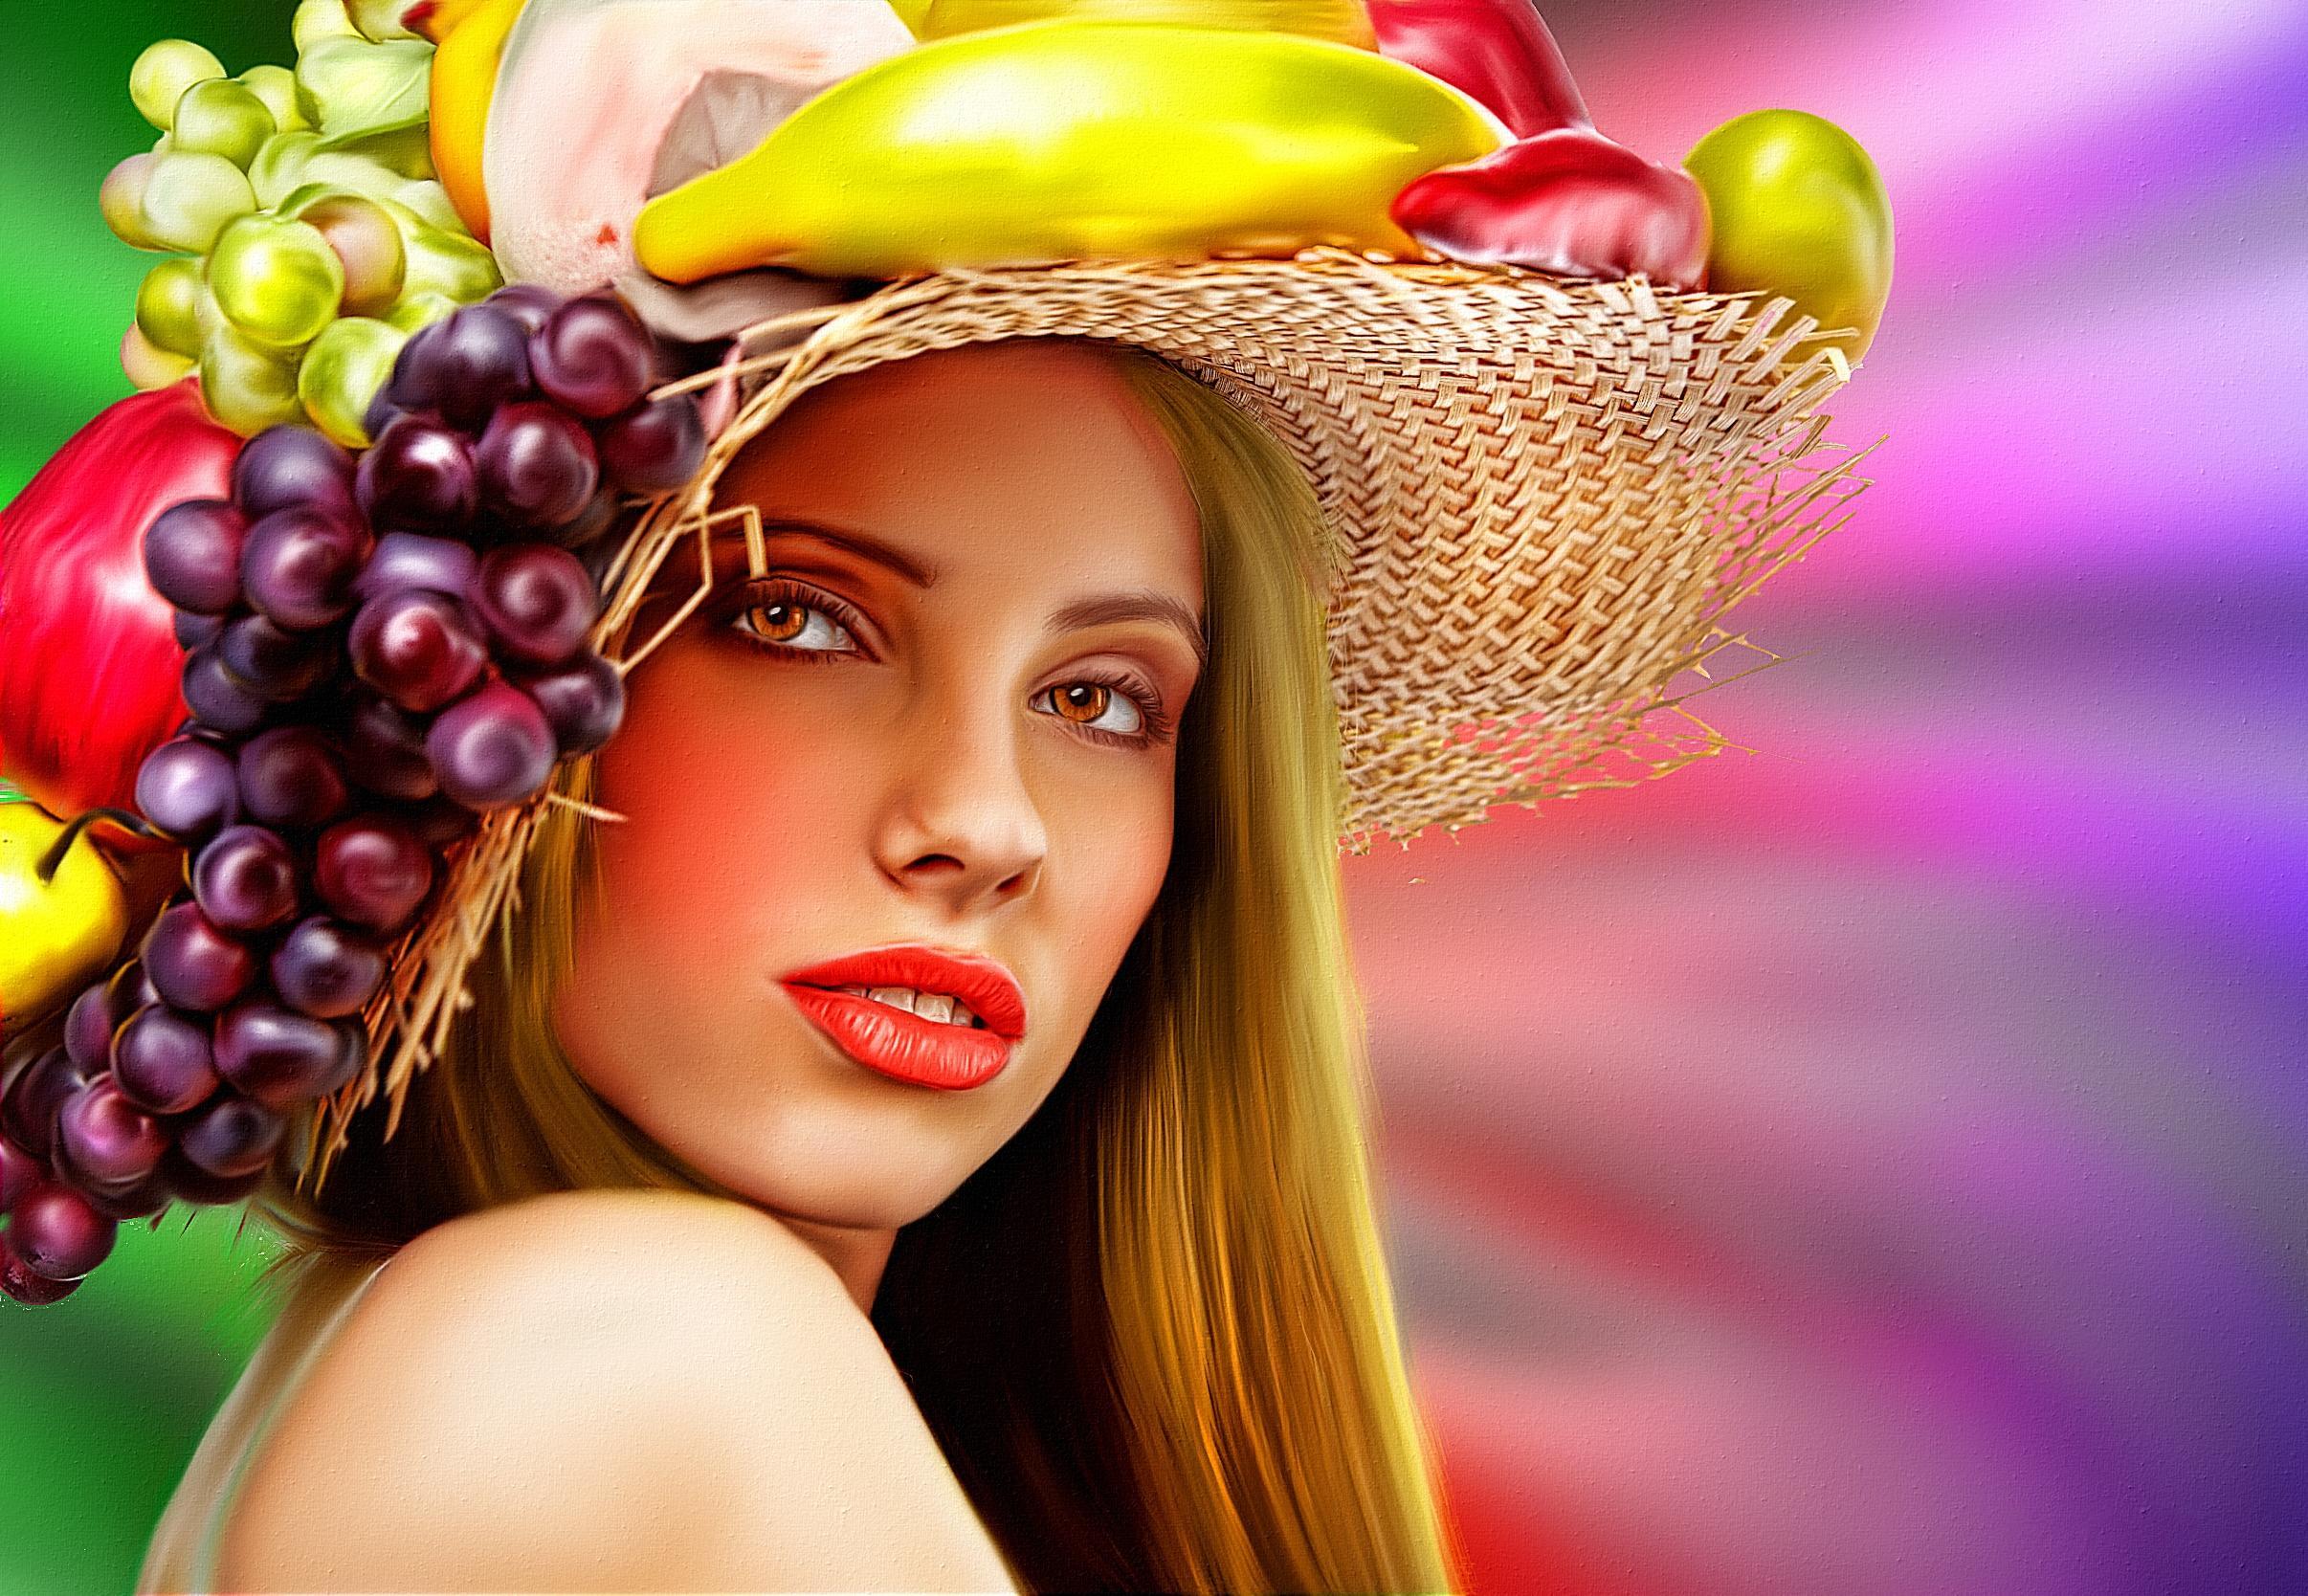 Обои Девушка с цветами и фруктами, портрет, холст